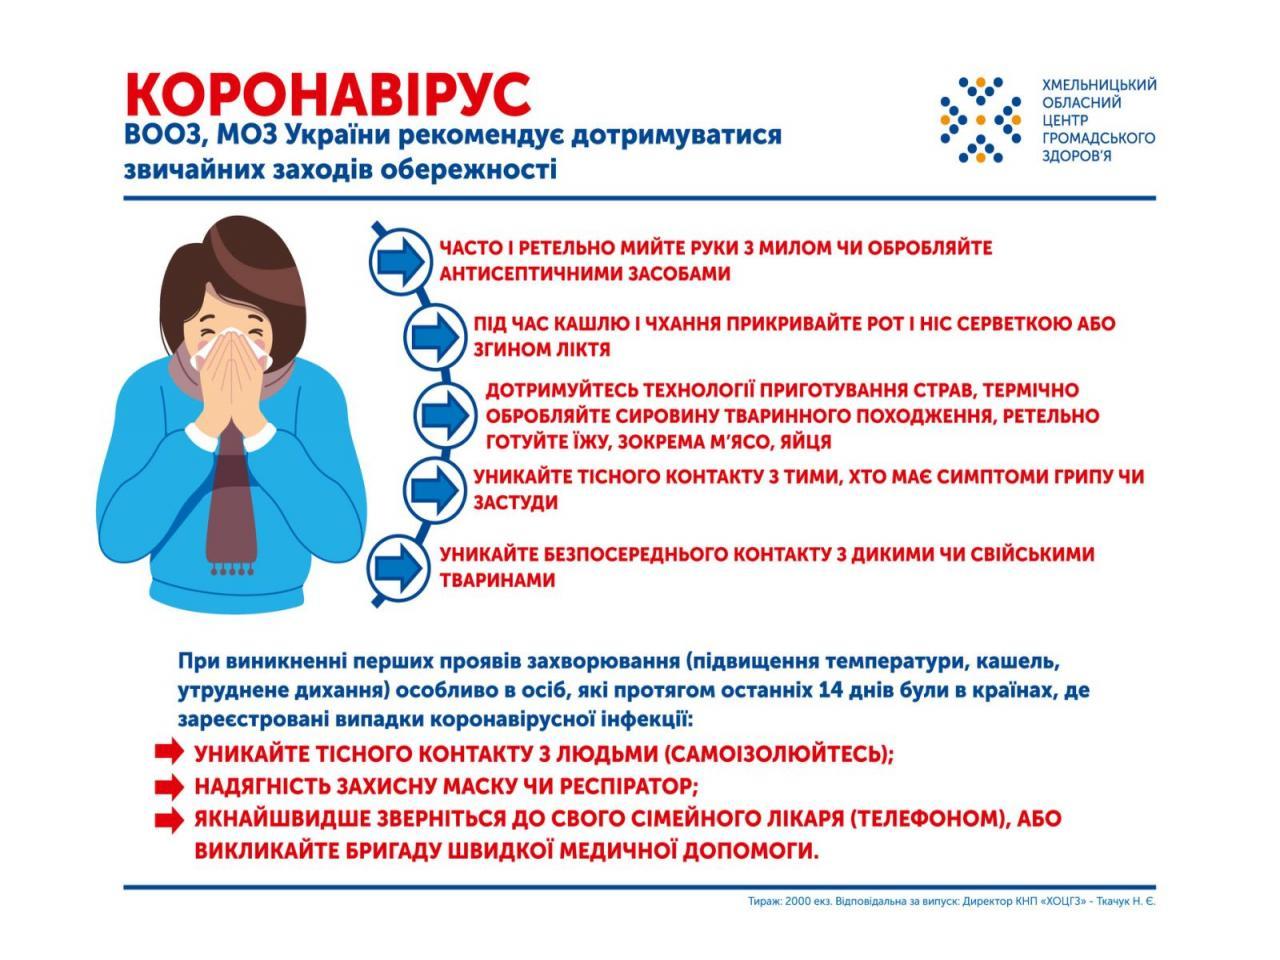 http://dunrada.gov.ua/uploadfile/archive_news/2020/03/16/2020-03-16_803/images/images-52014.jpg